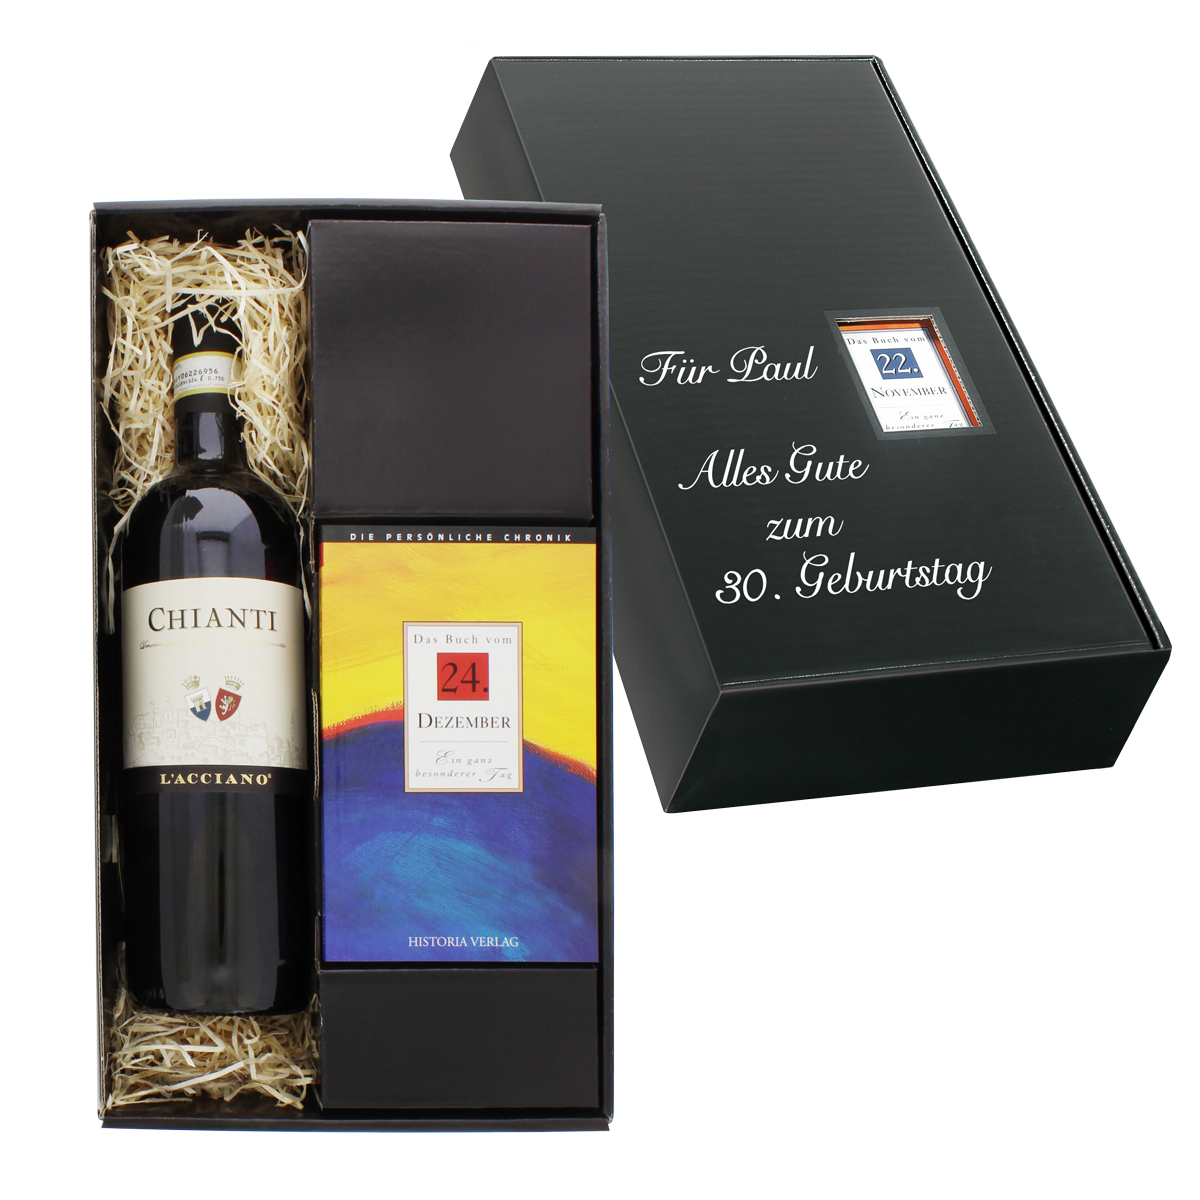 Italien-Set: Tageschronik vom 15. Juni & Chianti-Wein